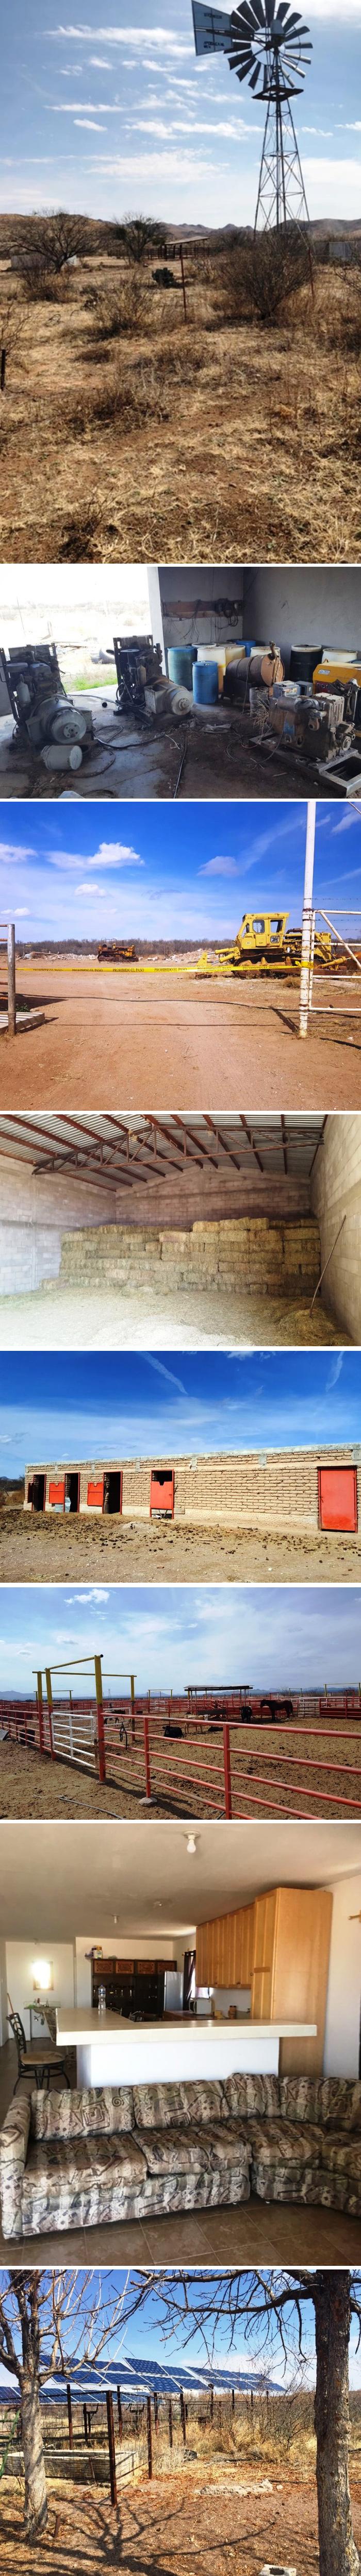 El 20 de febrero de 2018, la Fiscalía General de Chihuahua aseguró un rancho de 30 mil hectáreas perteneciente al exgobernador César Horacio Duarte Jáquez, el cual se ubica en el municipio de Camargo.